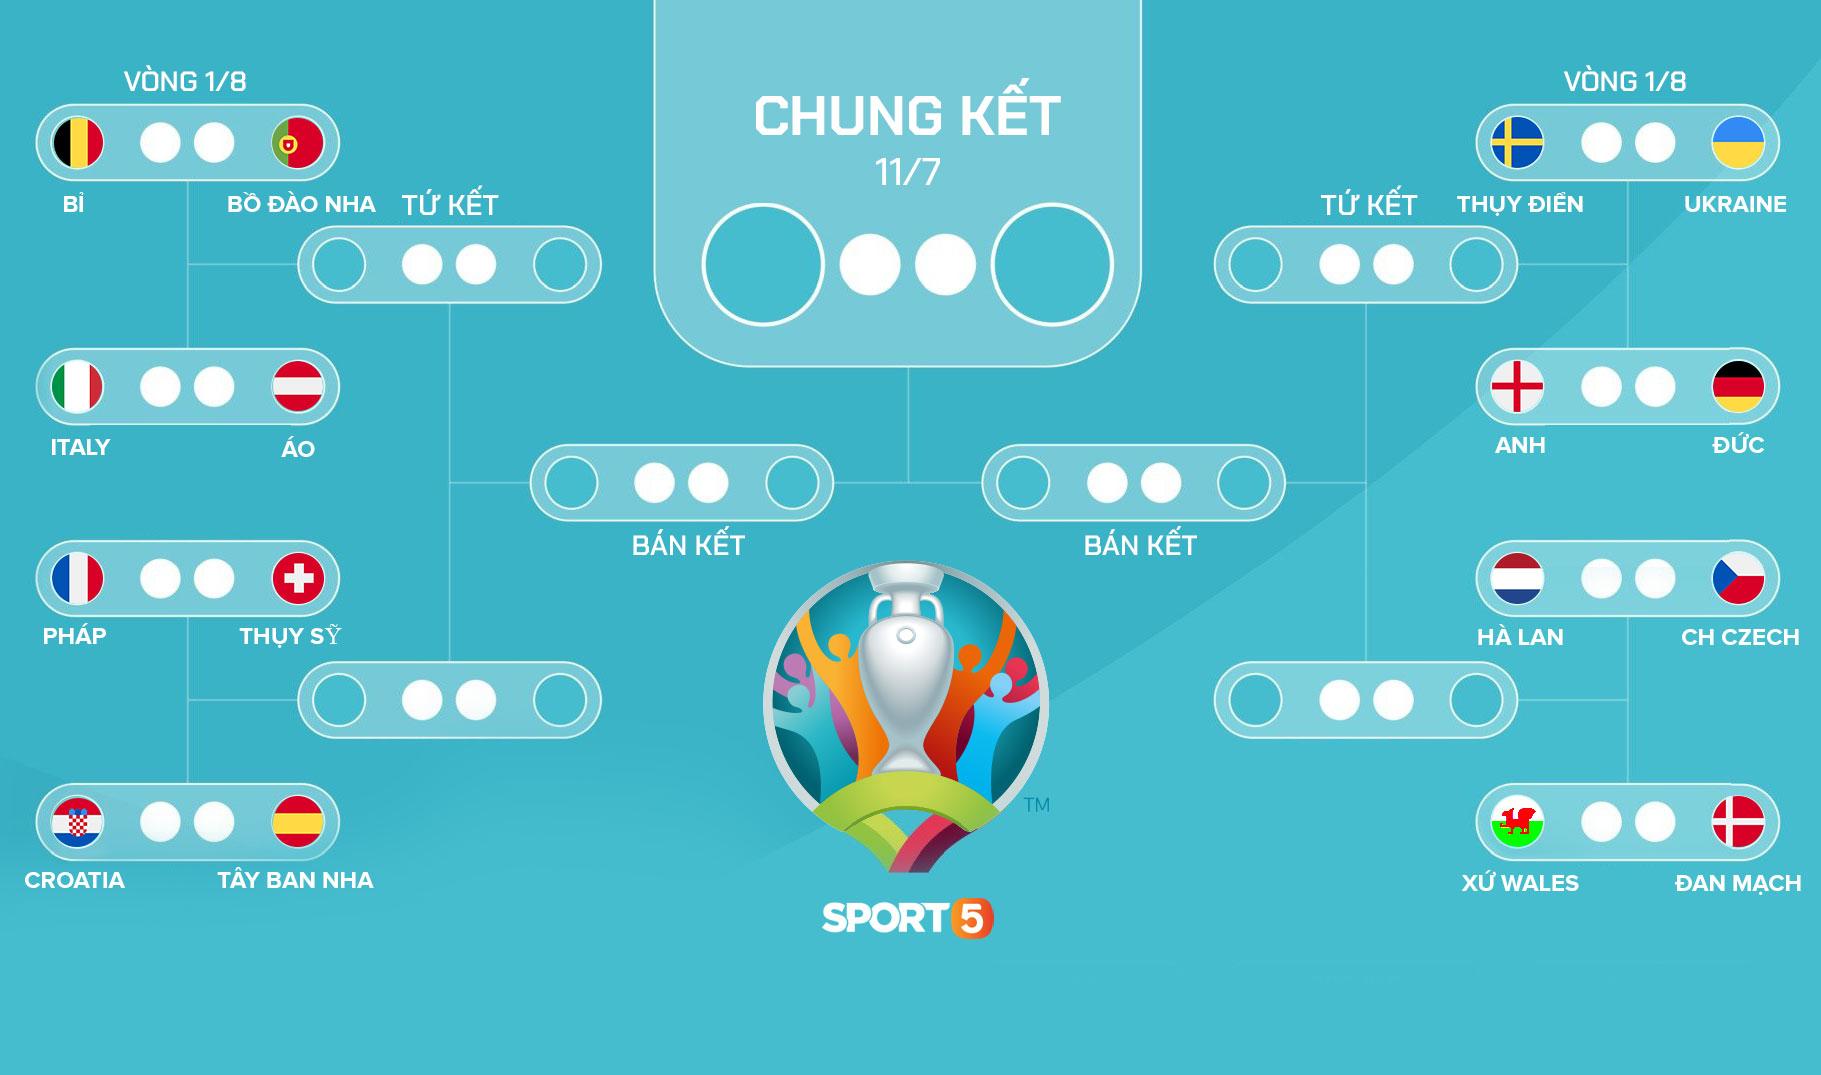 Ronaldo lập cú đúp, Bồ Đào Nha vượt qua những phút giây sợ hãi trước Pháp để tiến vào vòng knock-out - Ảnh 4.